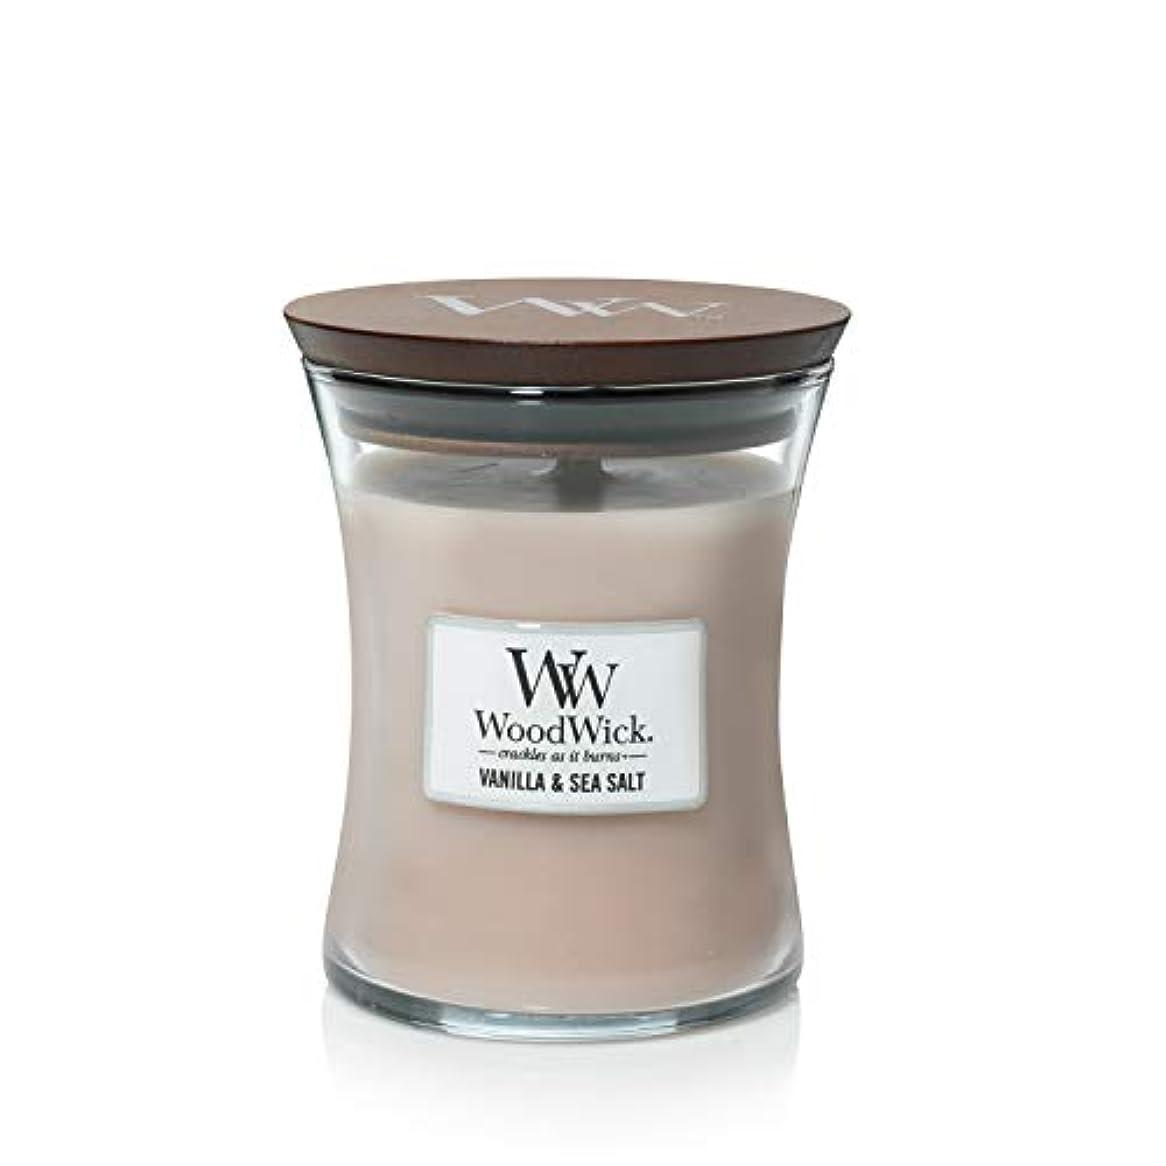 テナント褒賞行進バニラSea Salt WoodWick 10 oz Medium砂時計Jar Candle Burns 100時間